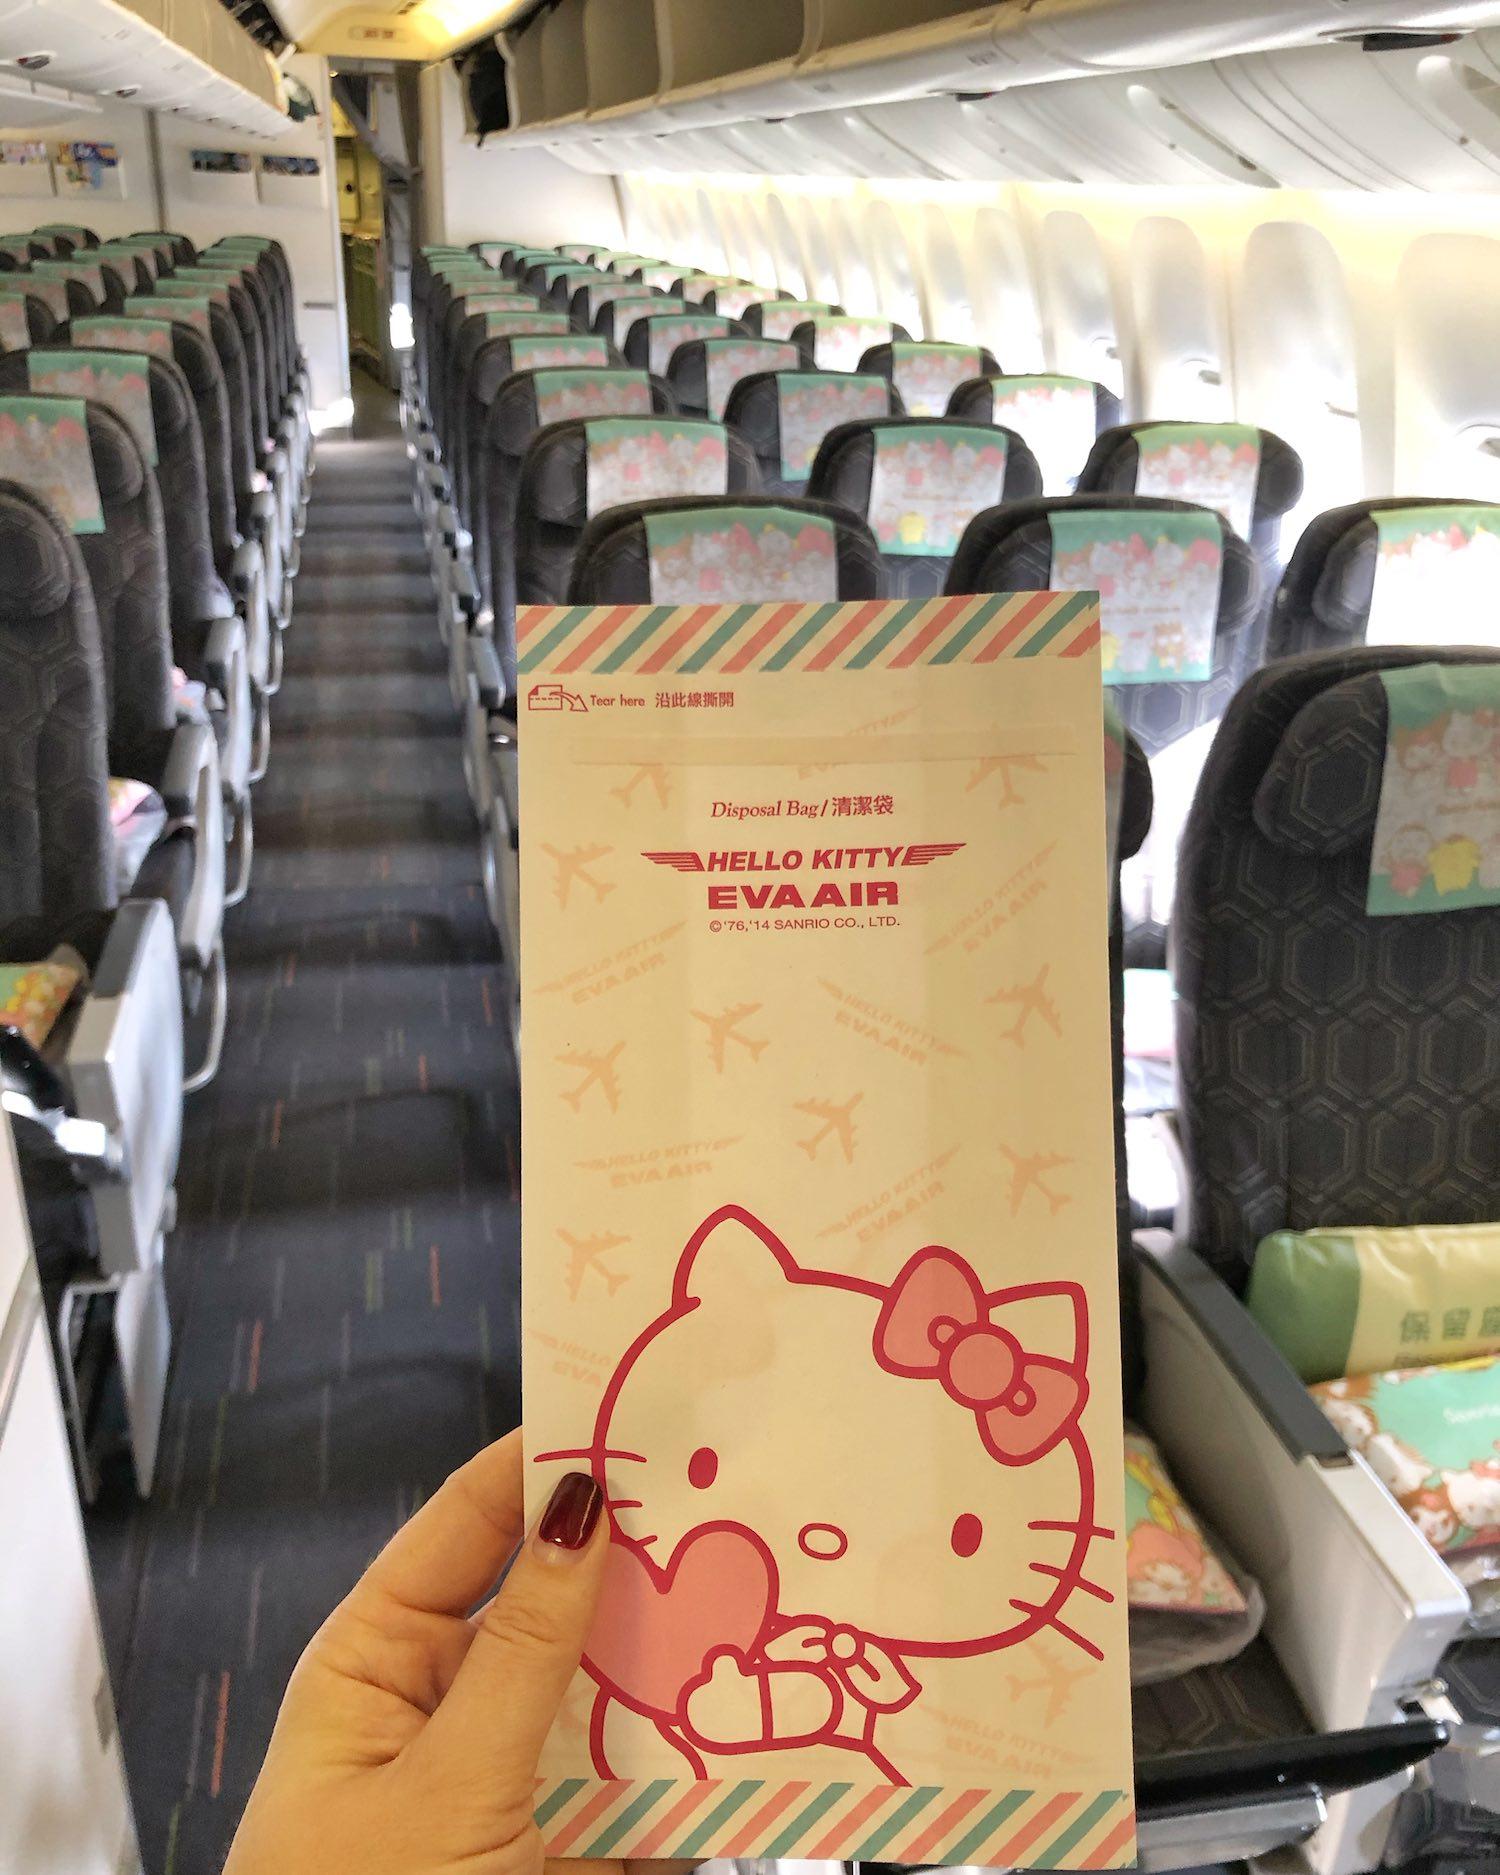 EVA Air Hello Kitty Barf Bag